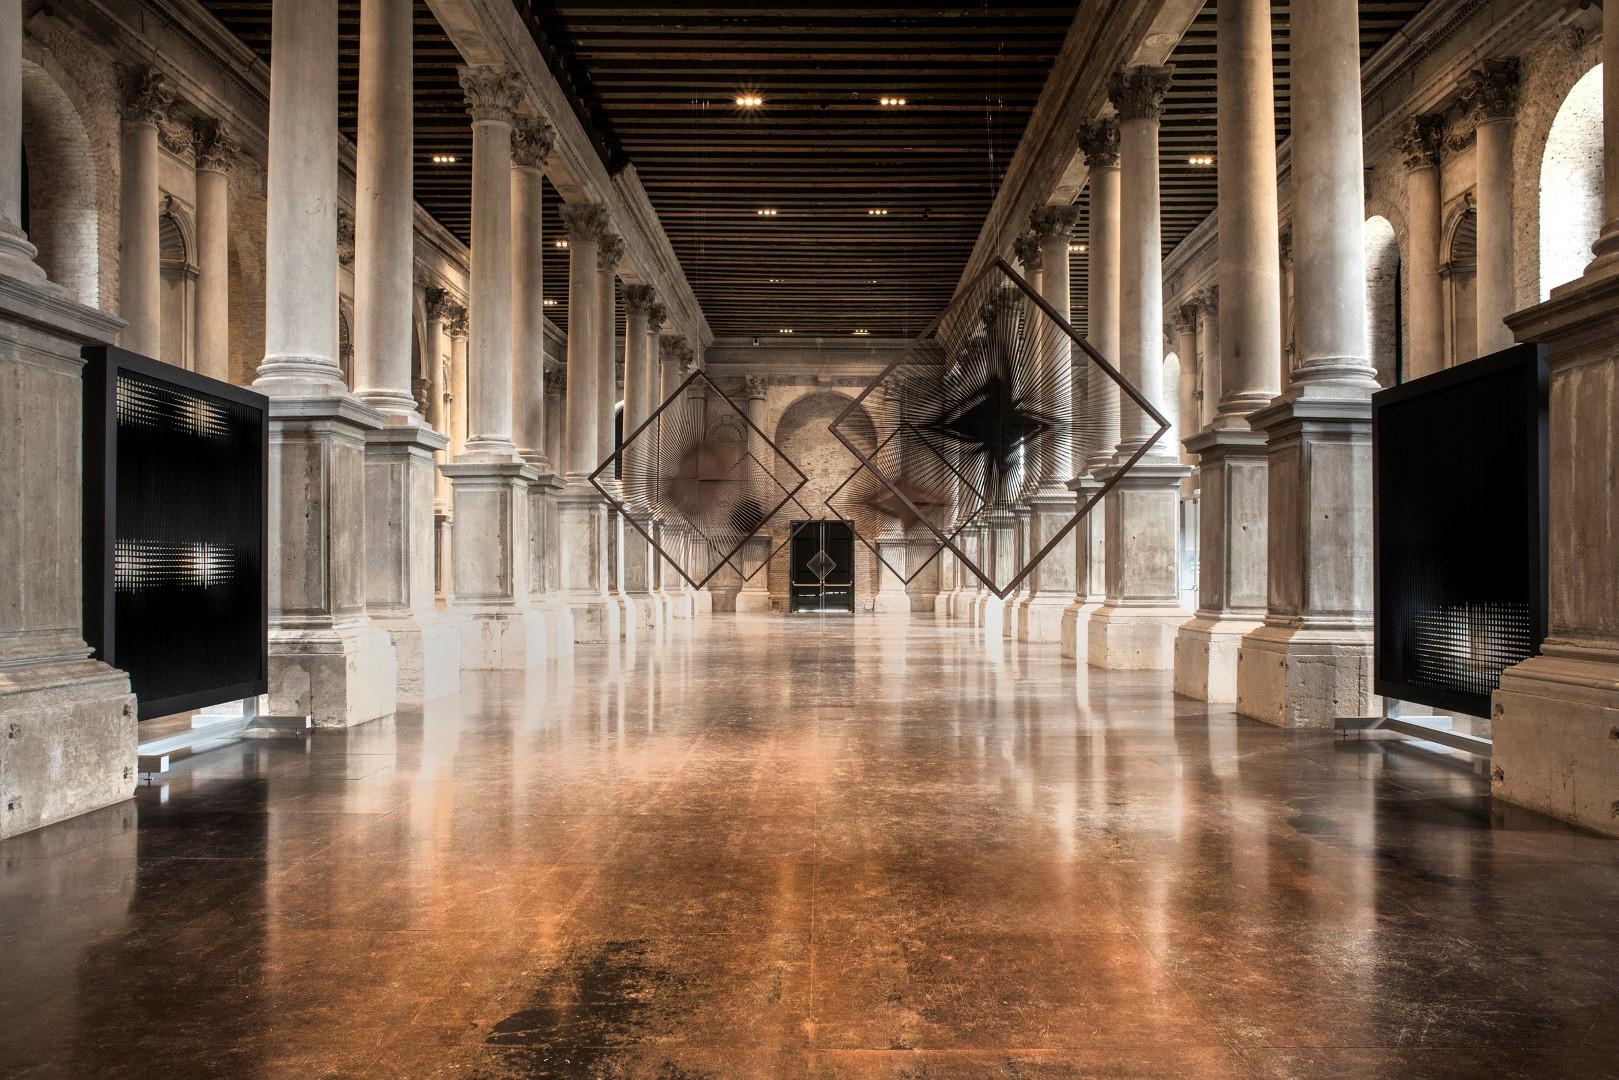 Alcantara progetti arte 2019